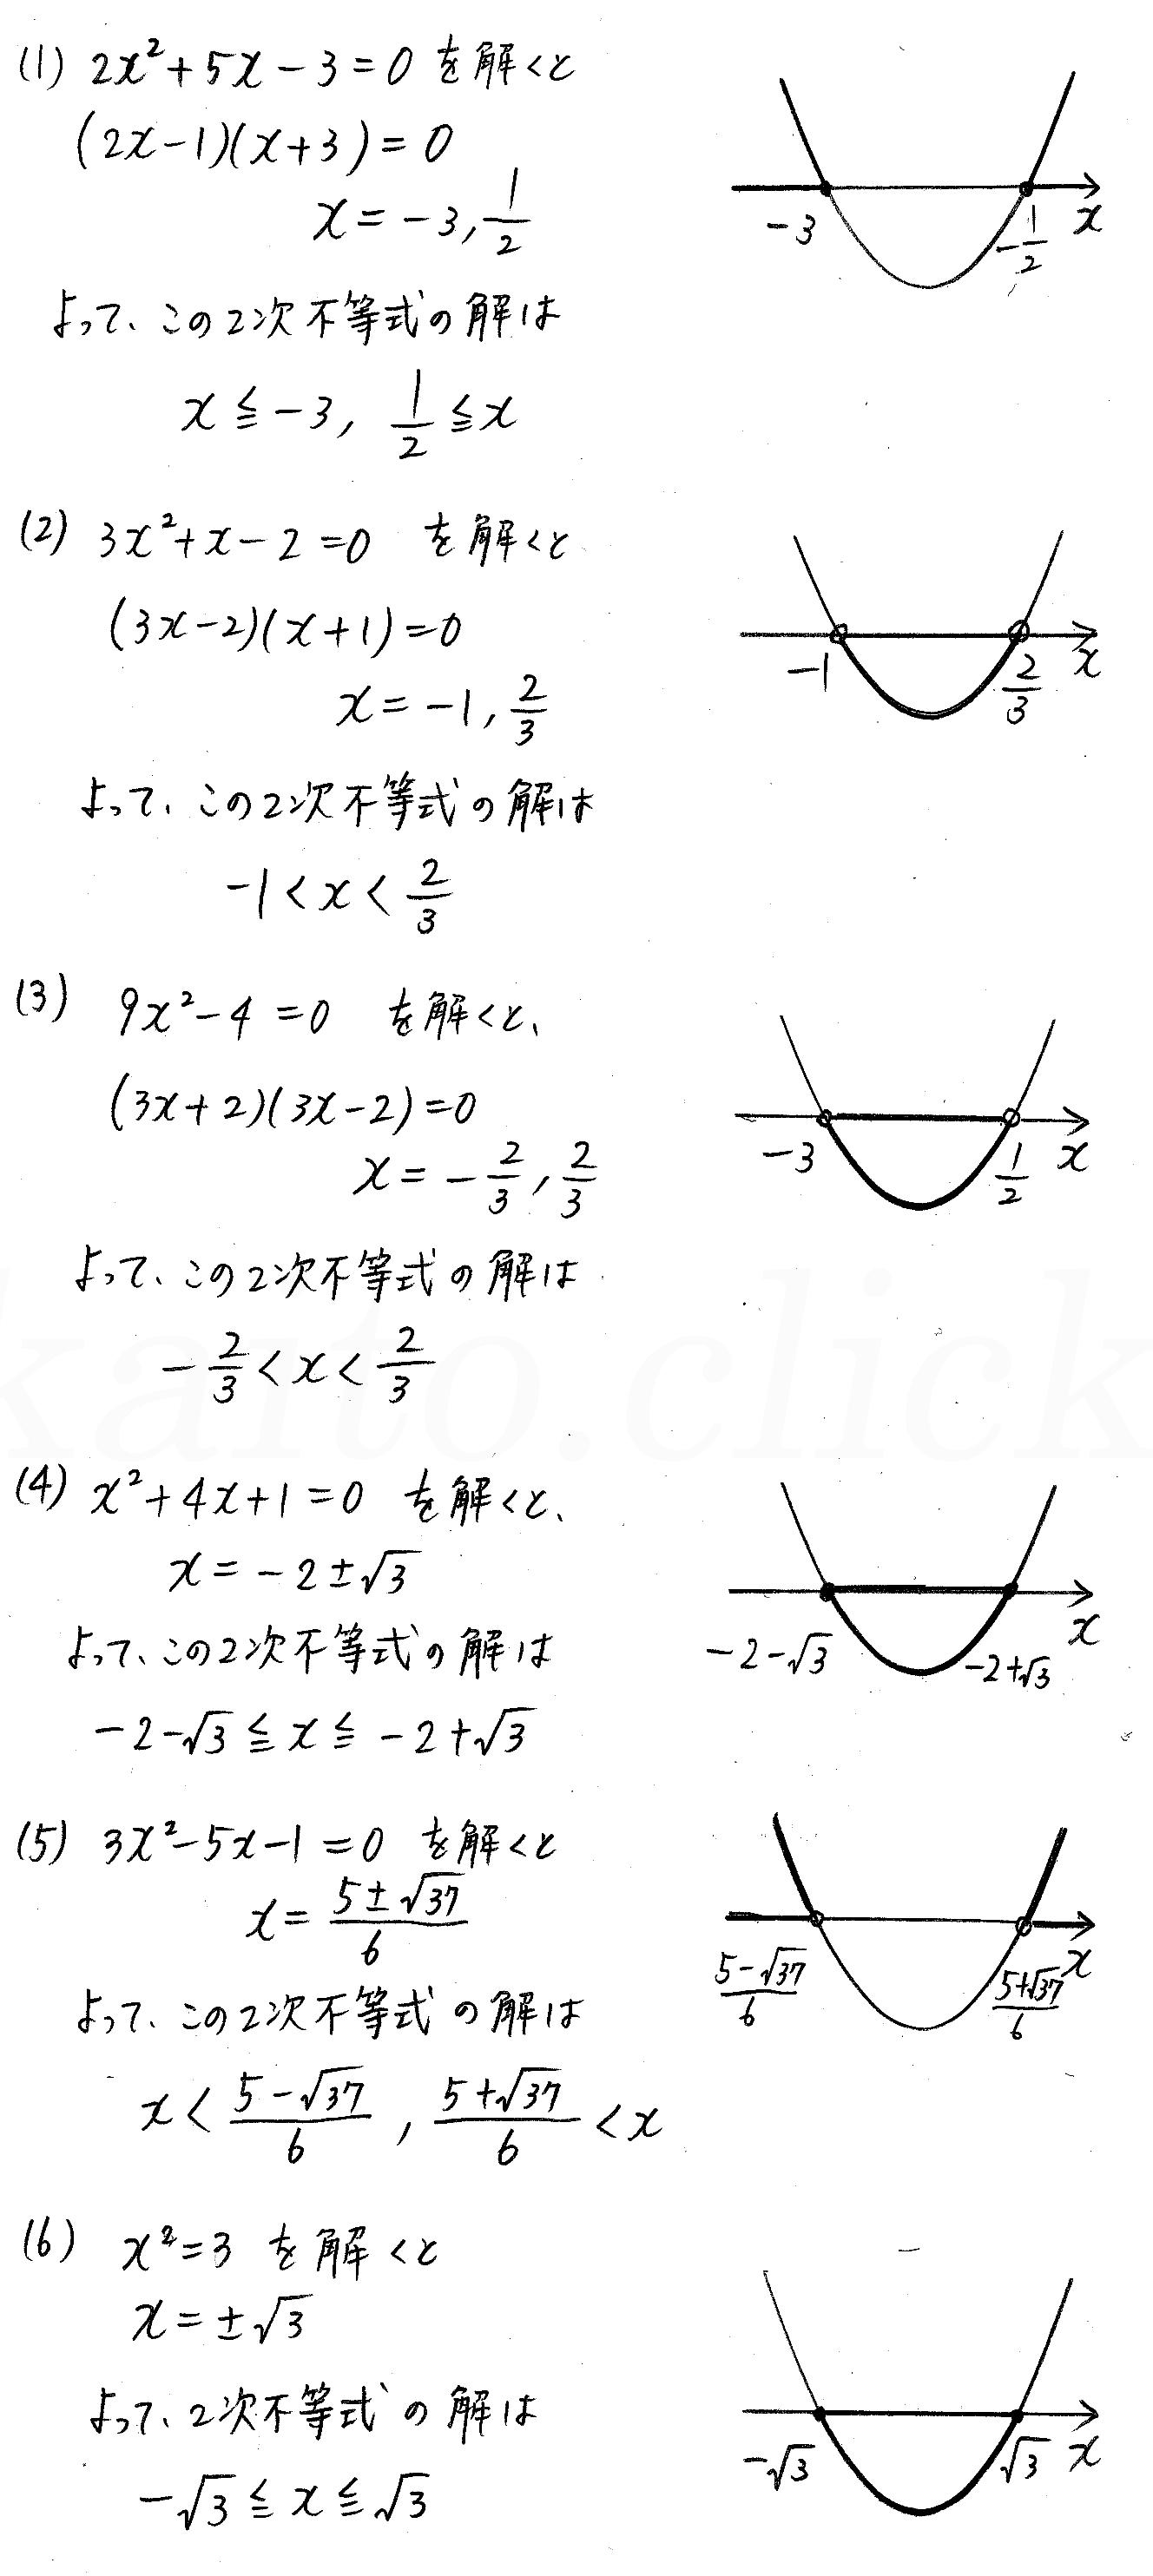 クリアー数学1-224解答